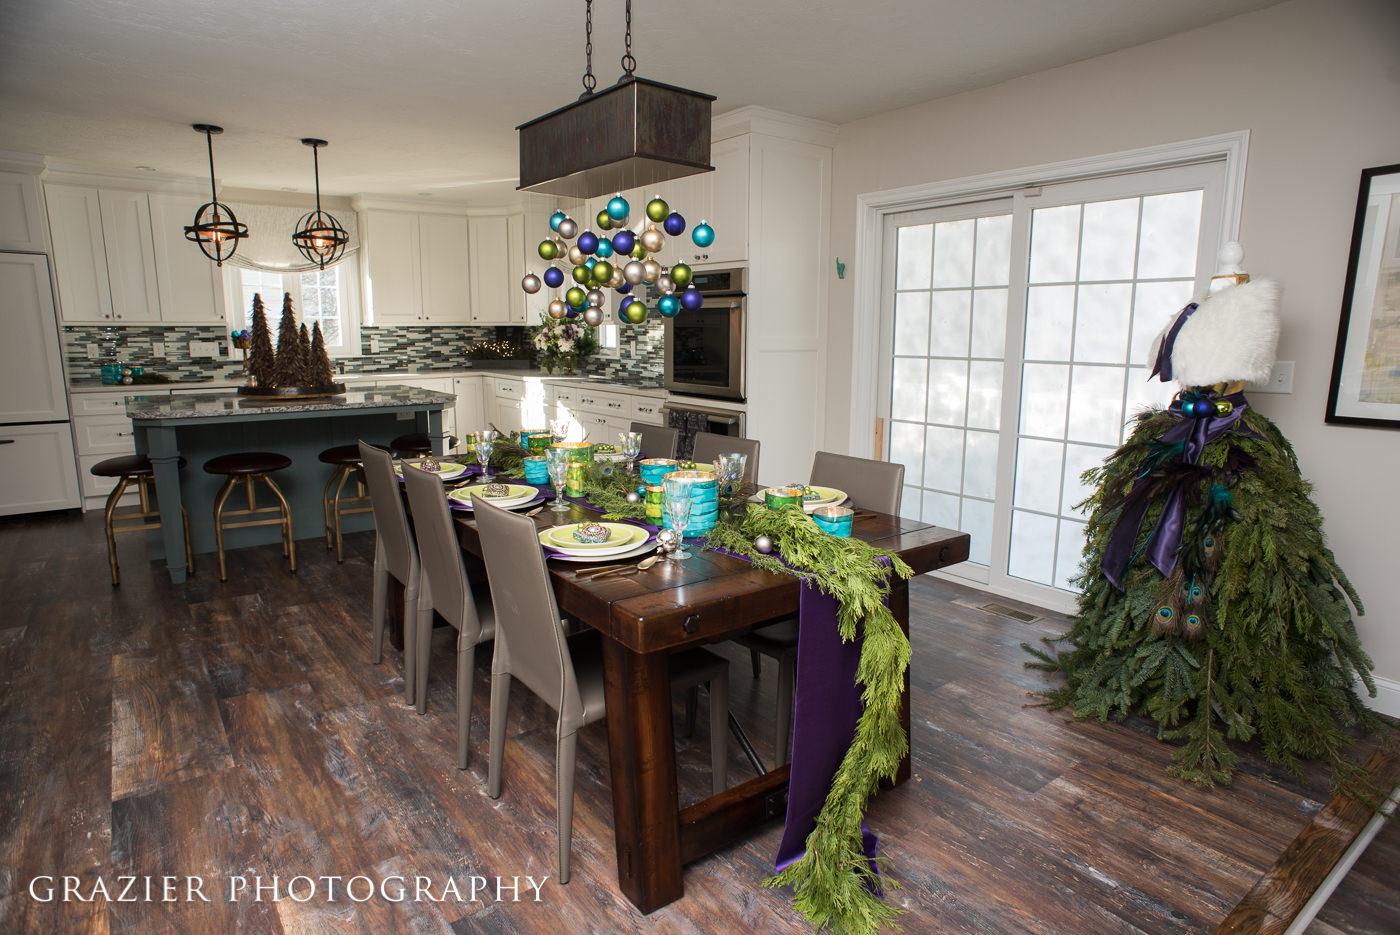 christmas decor, table setting